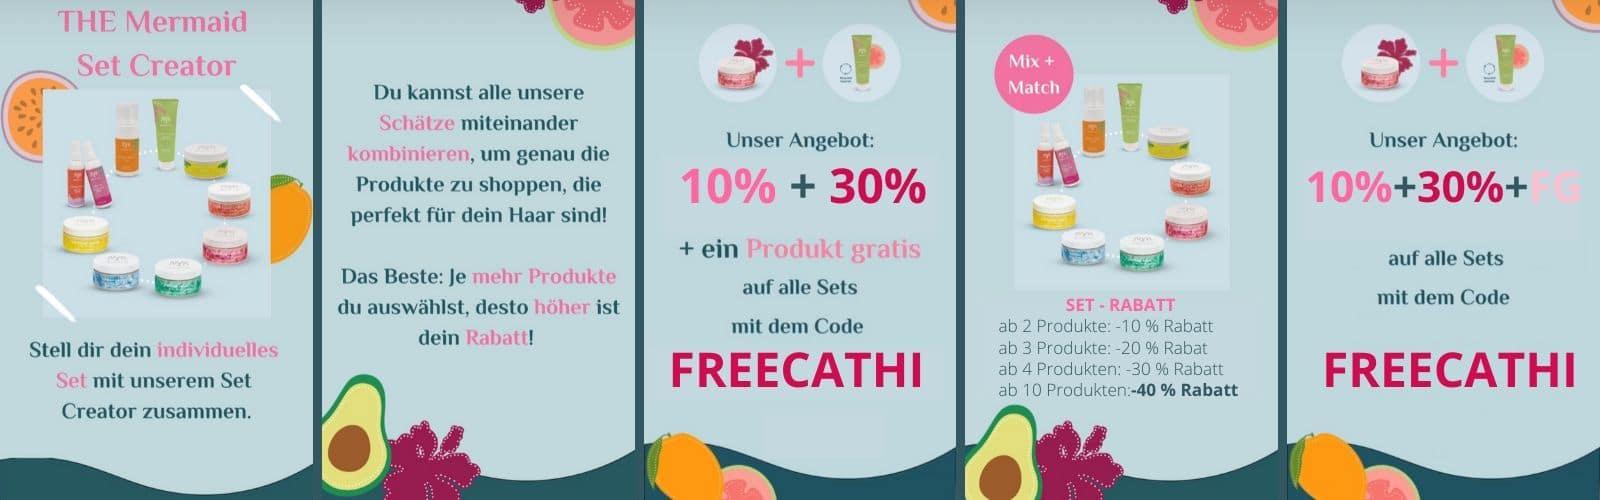 Mermaid+Me Code 50% Doppelrabatt 40% + 30% Rabatt + free Gift Gutscheincode